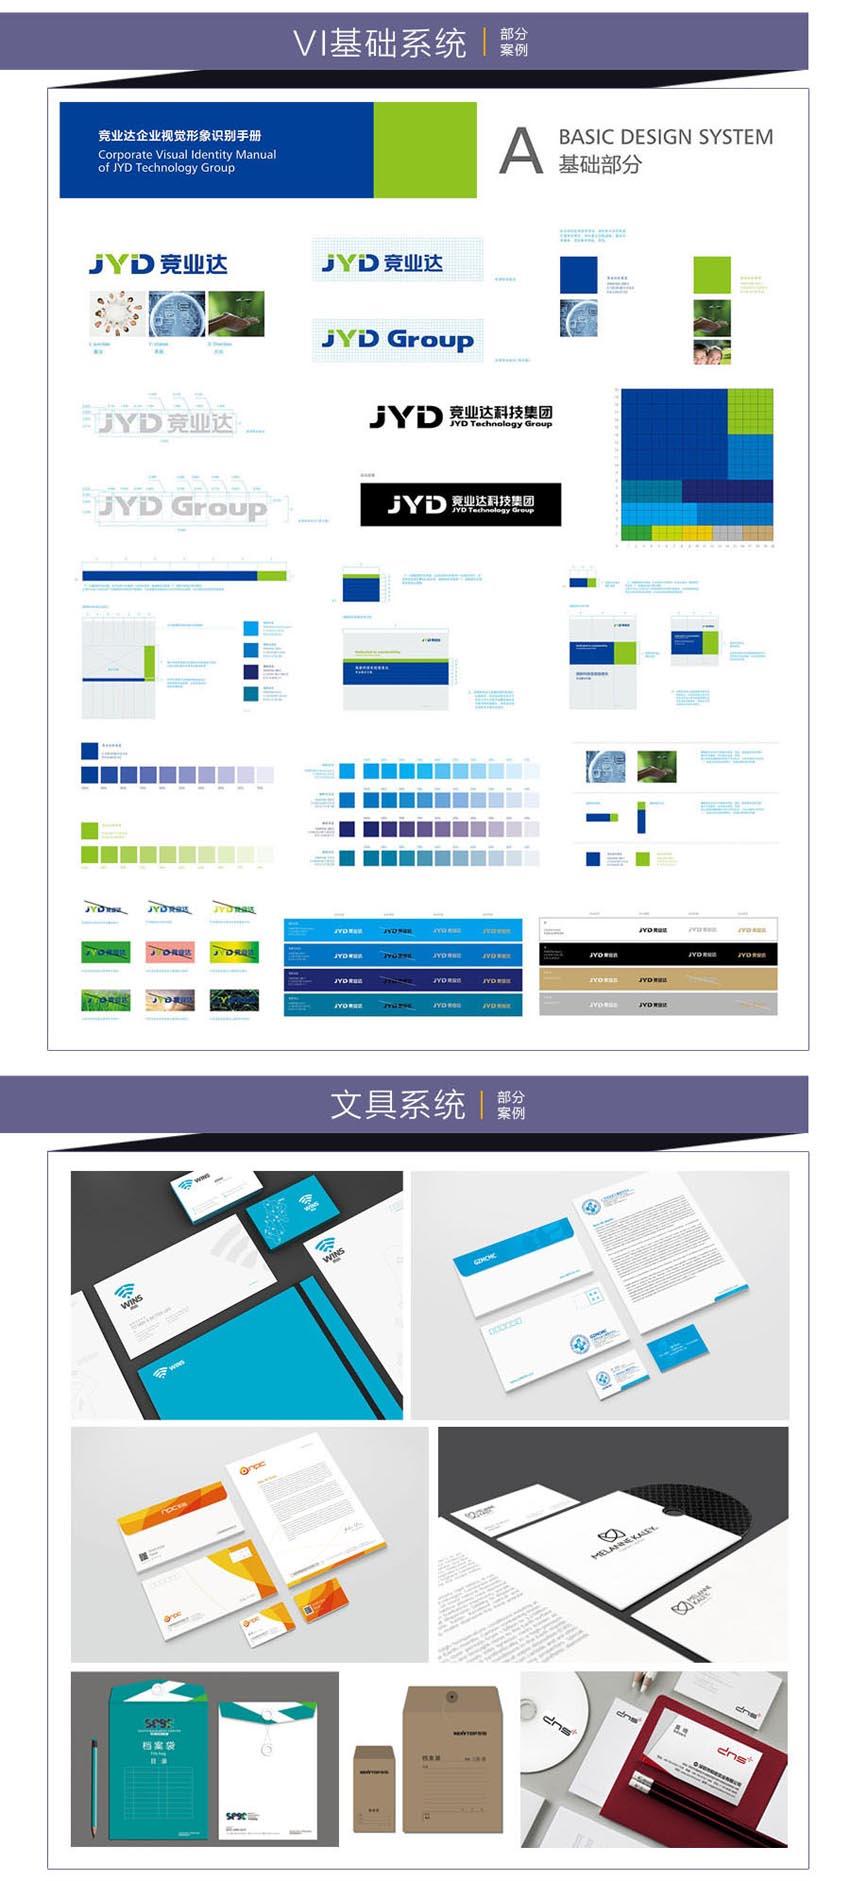 (新)详情页模板(VI)-4.jpg